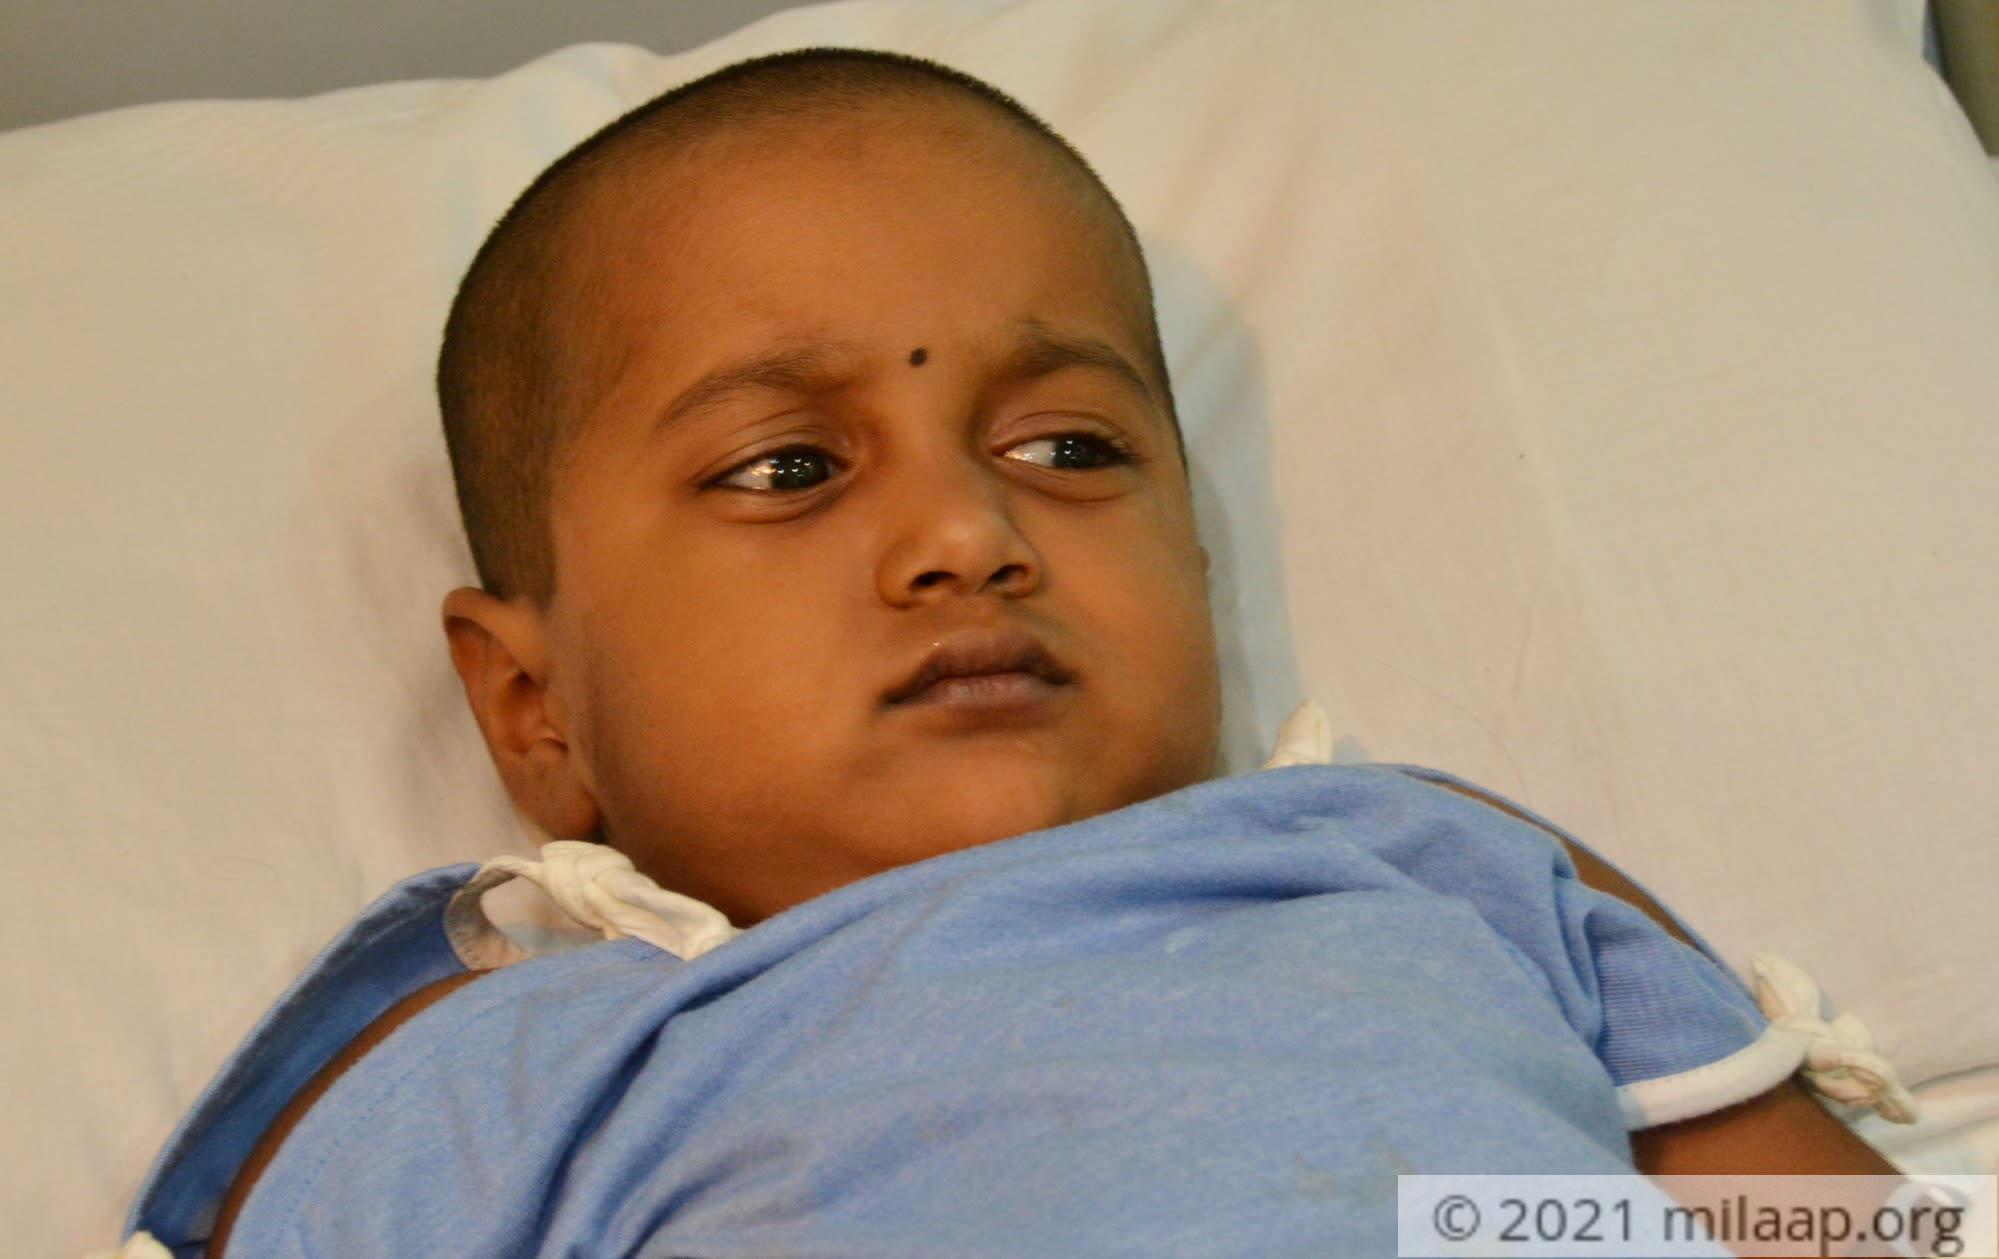 Riddhi asian heart institute 06 wlm0mf 1575274252